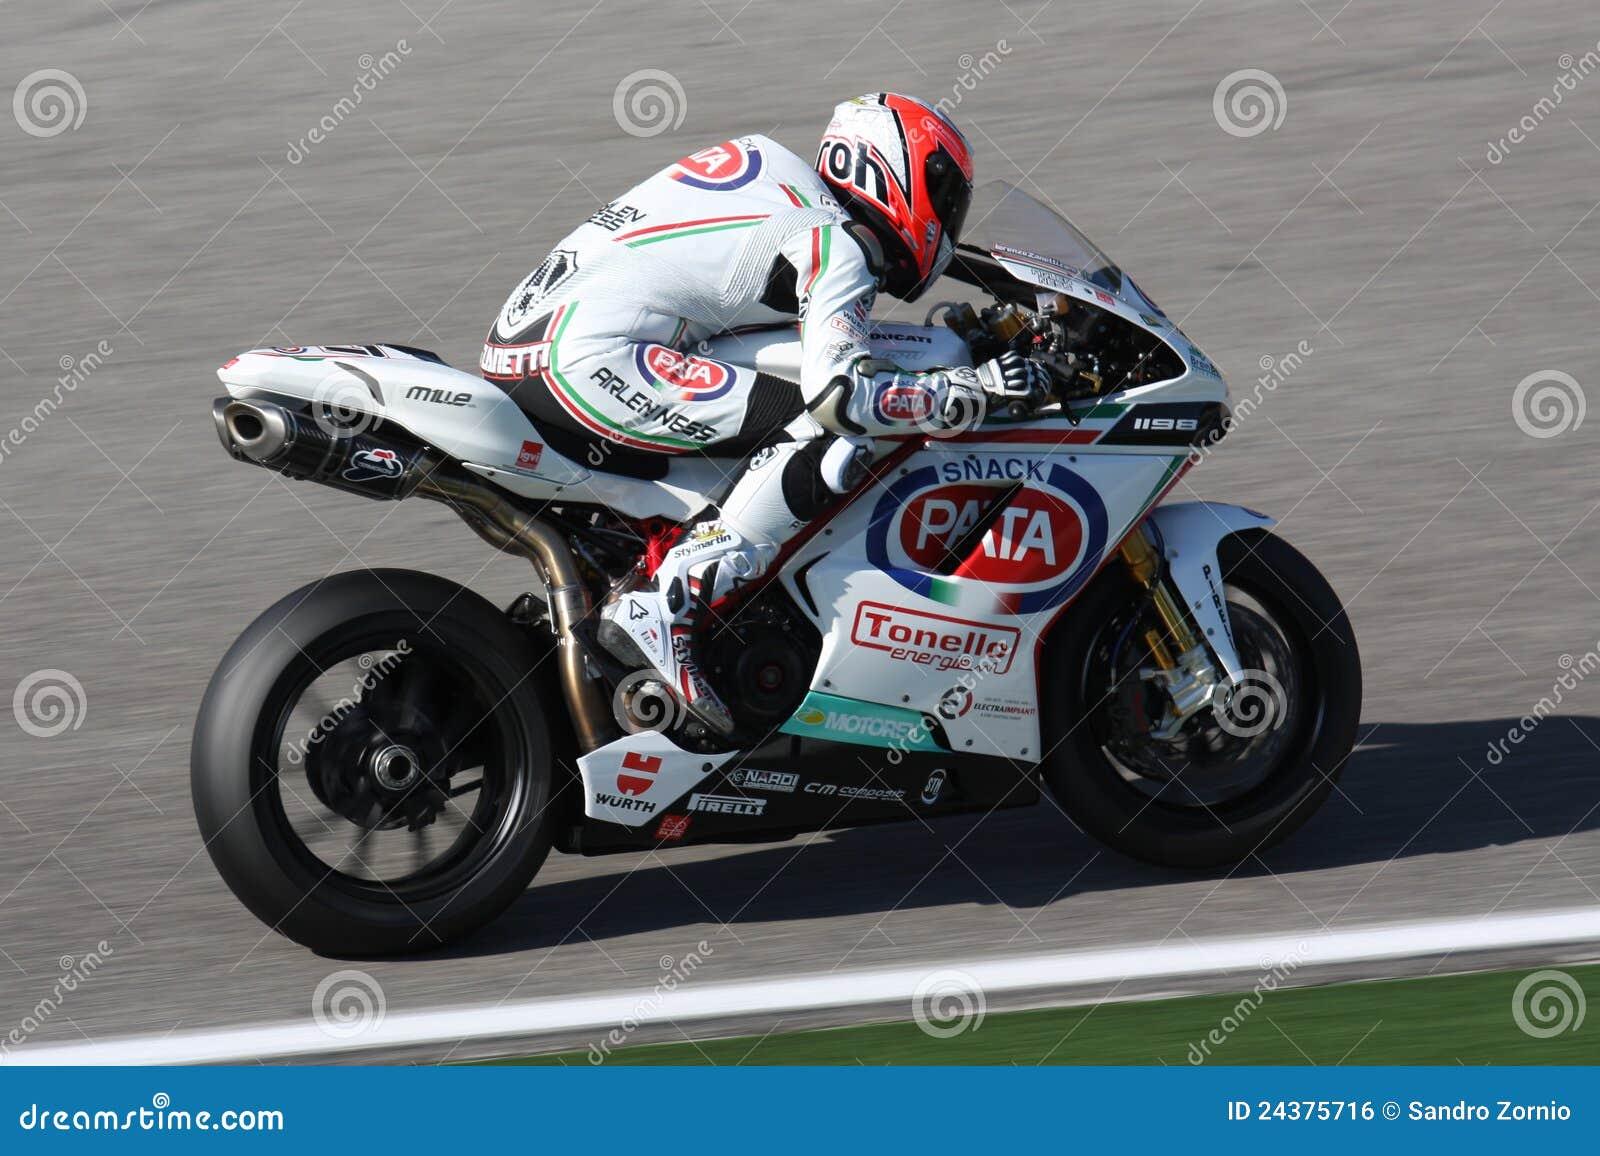 Lorenzo Zanetti - Ducati 1098R - PATA Racing Team